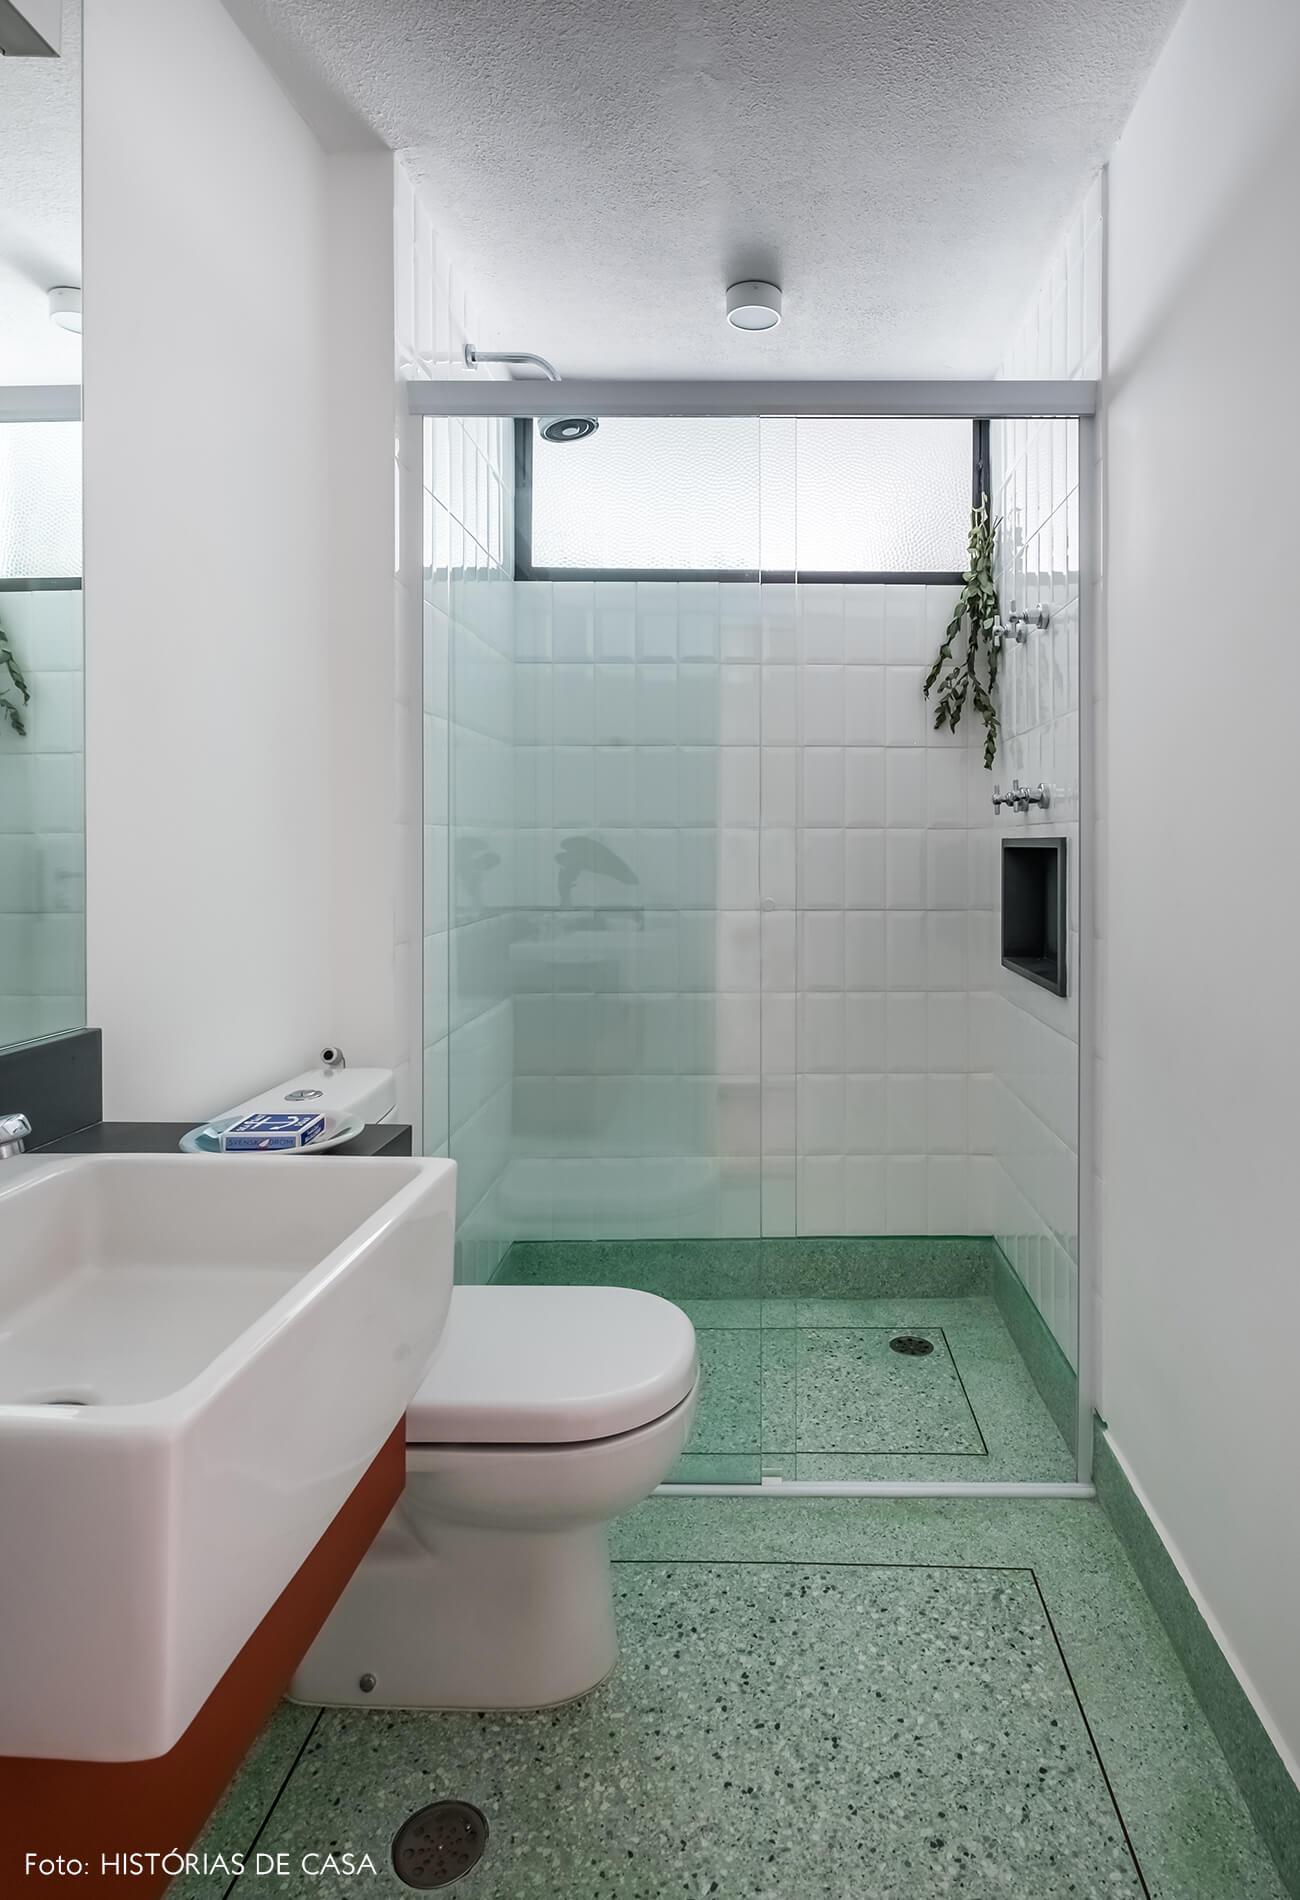 Banheiro com piso de granilite verde claro